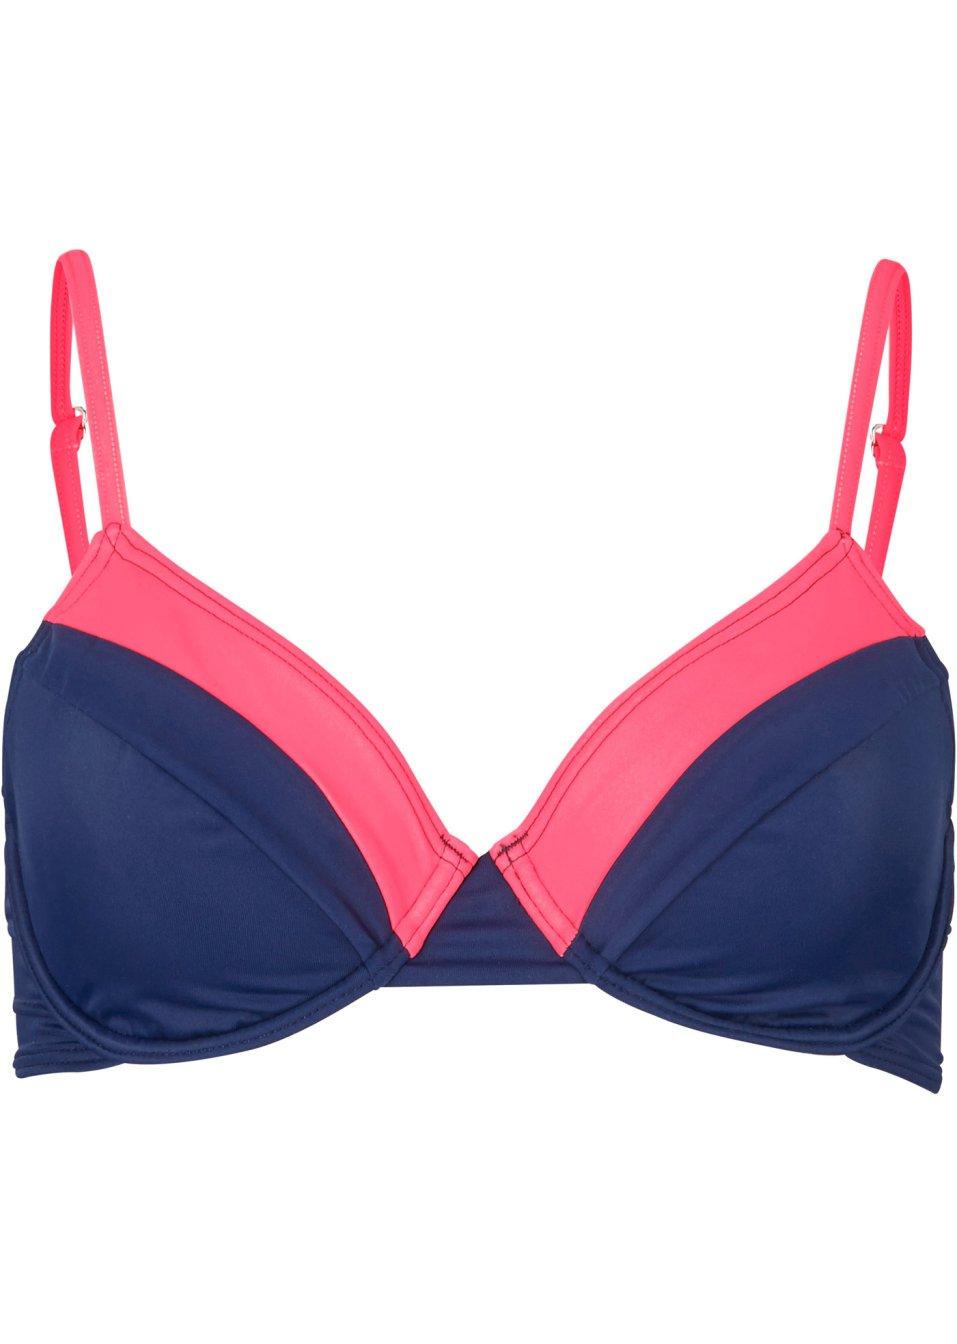 Modisches Bügel Bikini Oberteil mit Klickverschluss - dunkelblau/neonorange Cup B fl5ar qM1CD